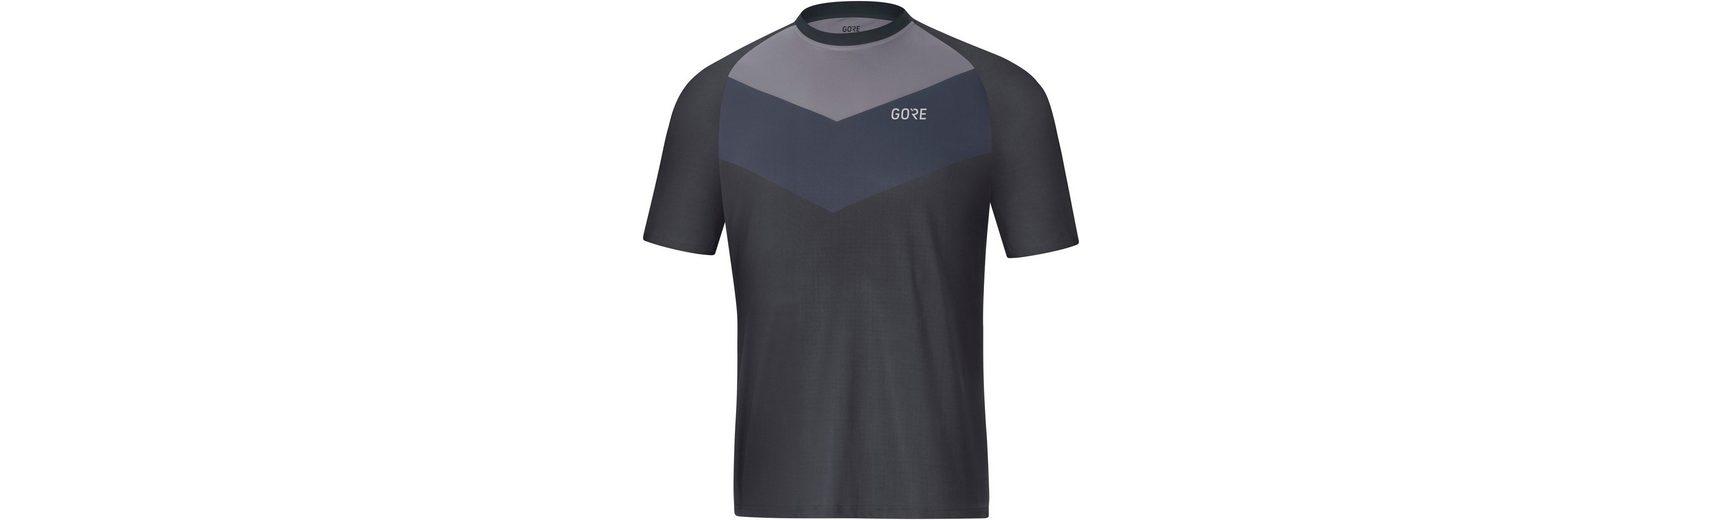 GORE WEAR T-Shirt C5 Trail SS Jersey Men Kauf Zum Verkauf Verkauf Schnelle Lieferung Rabatt Beste Neue Und Mode Spielraum Beruf vk1ty